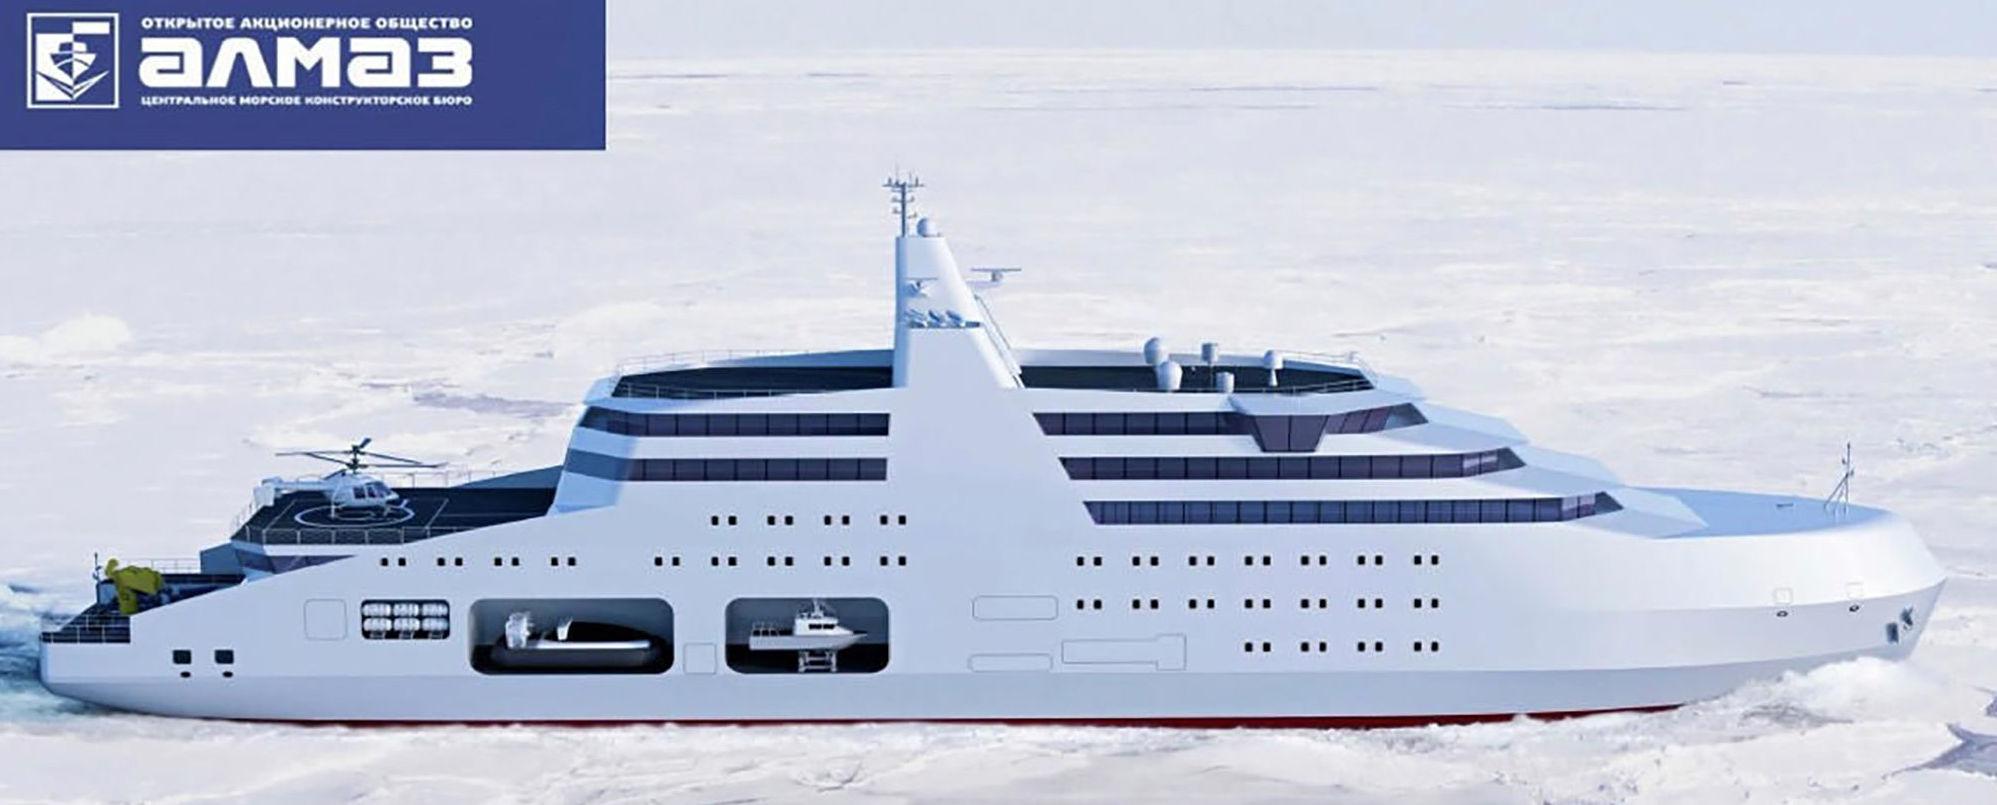 Projet d'un navire de croisière arctique conçu par le bureau d'études russe Almaz